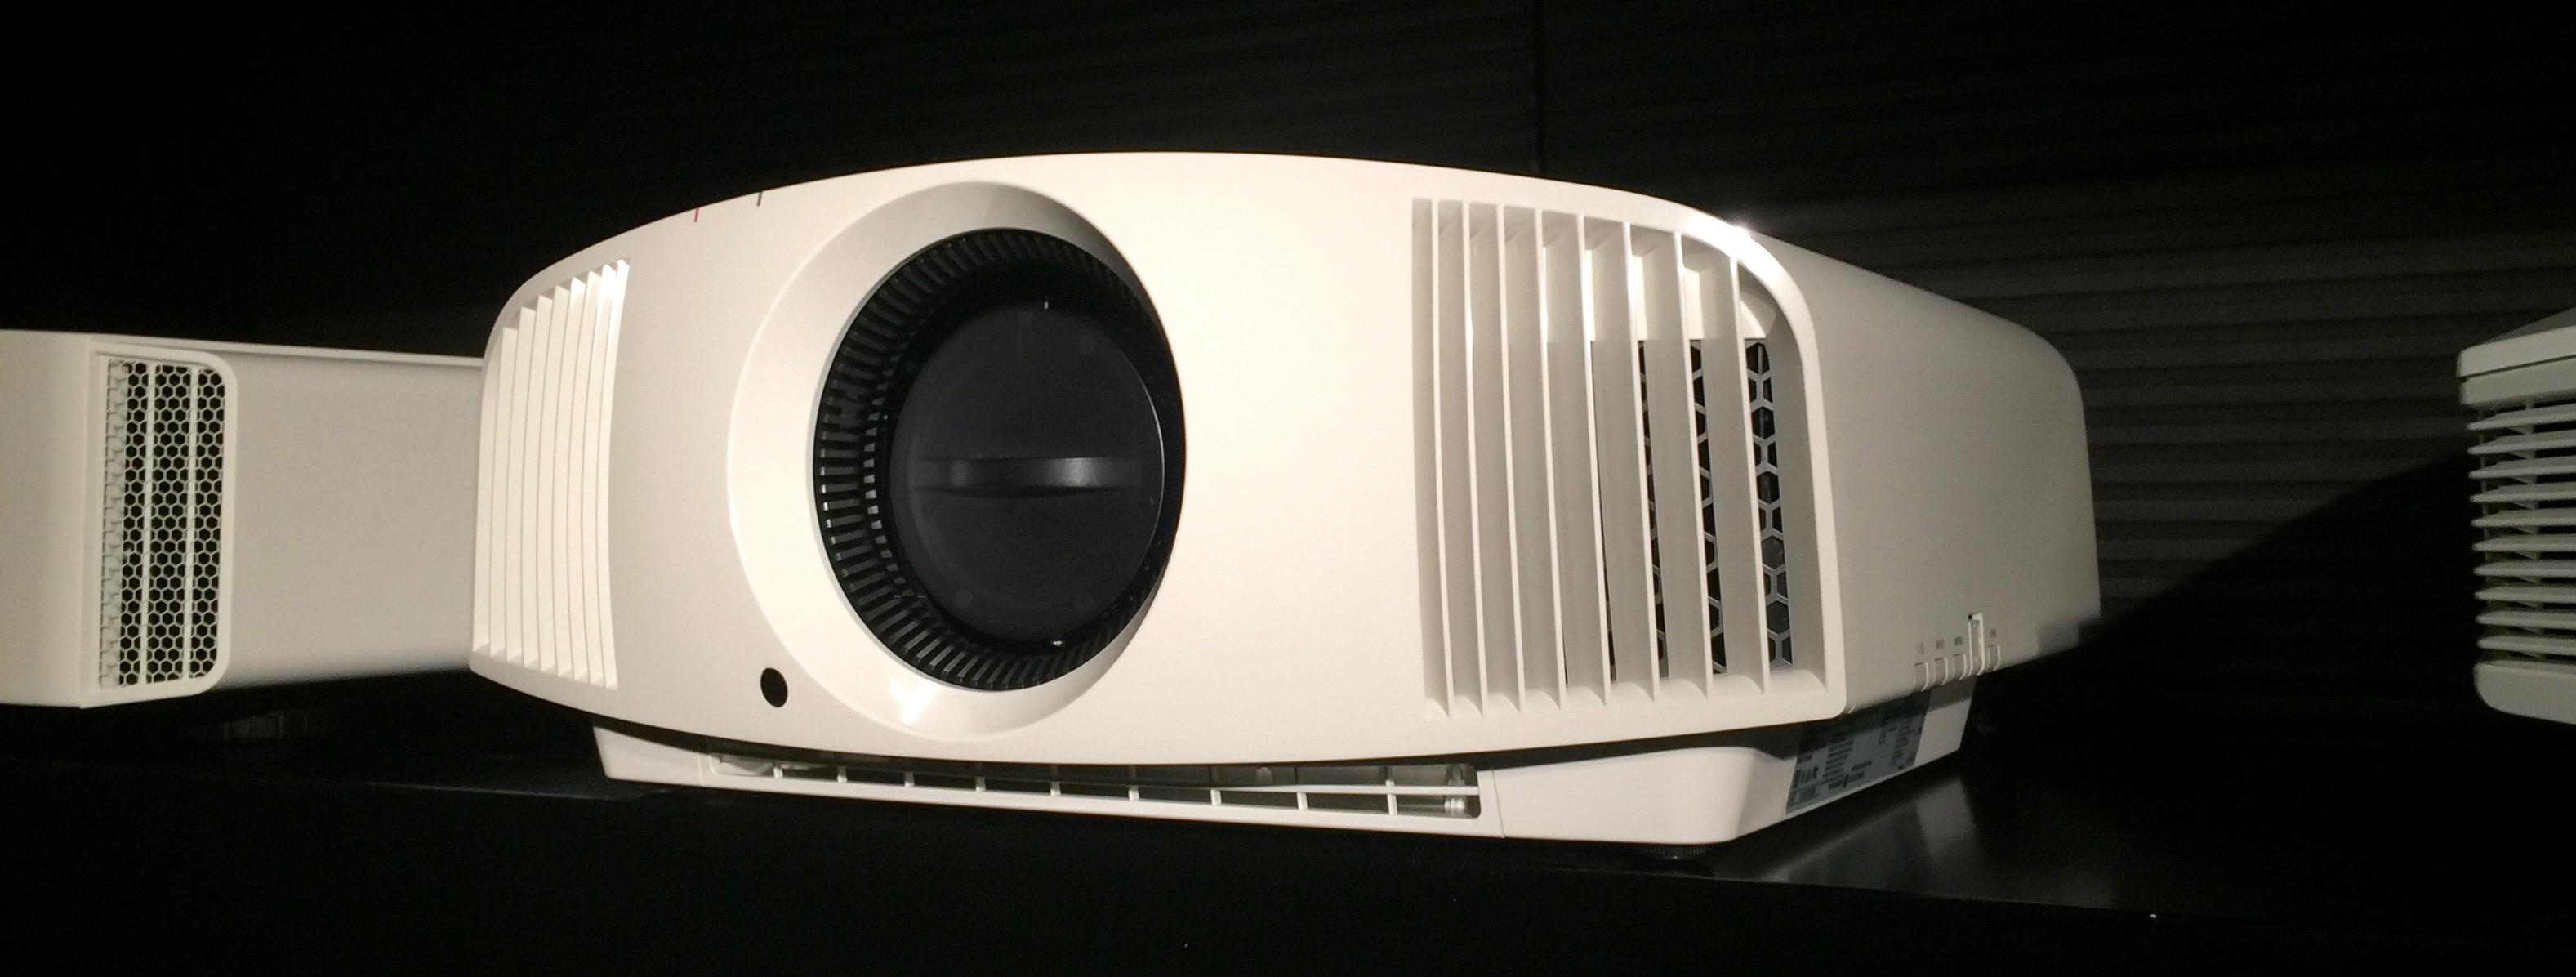 Sony-VPL-VW260ES-Heimkino-Showroom-Vorfu-hrung